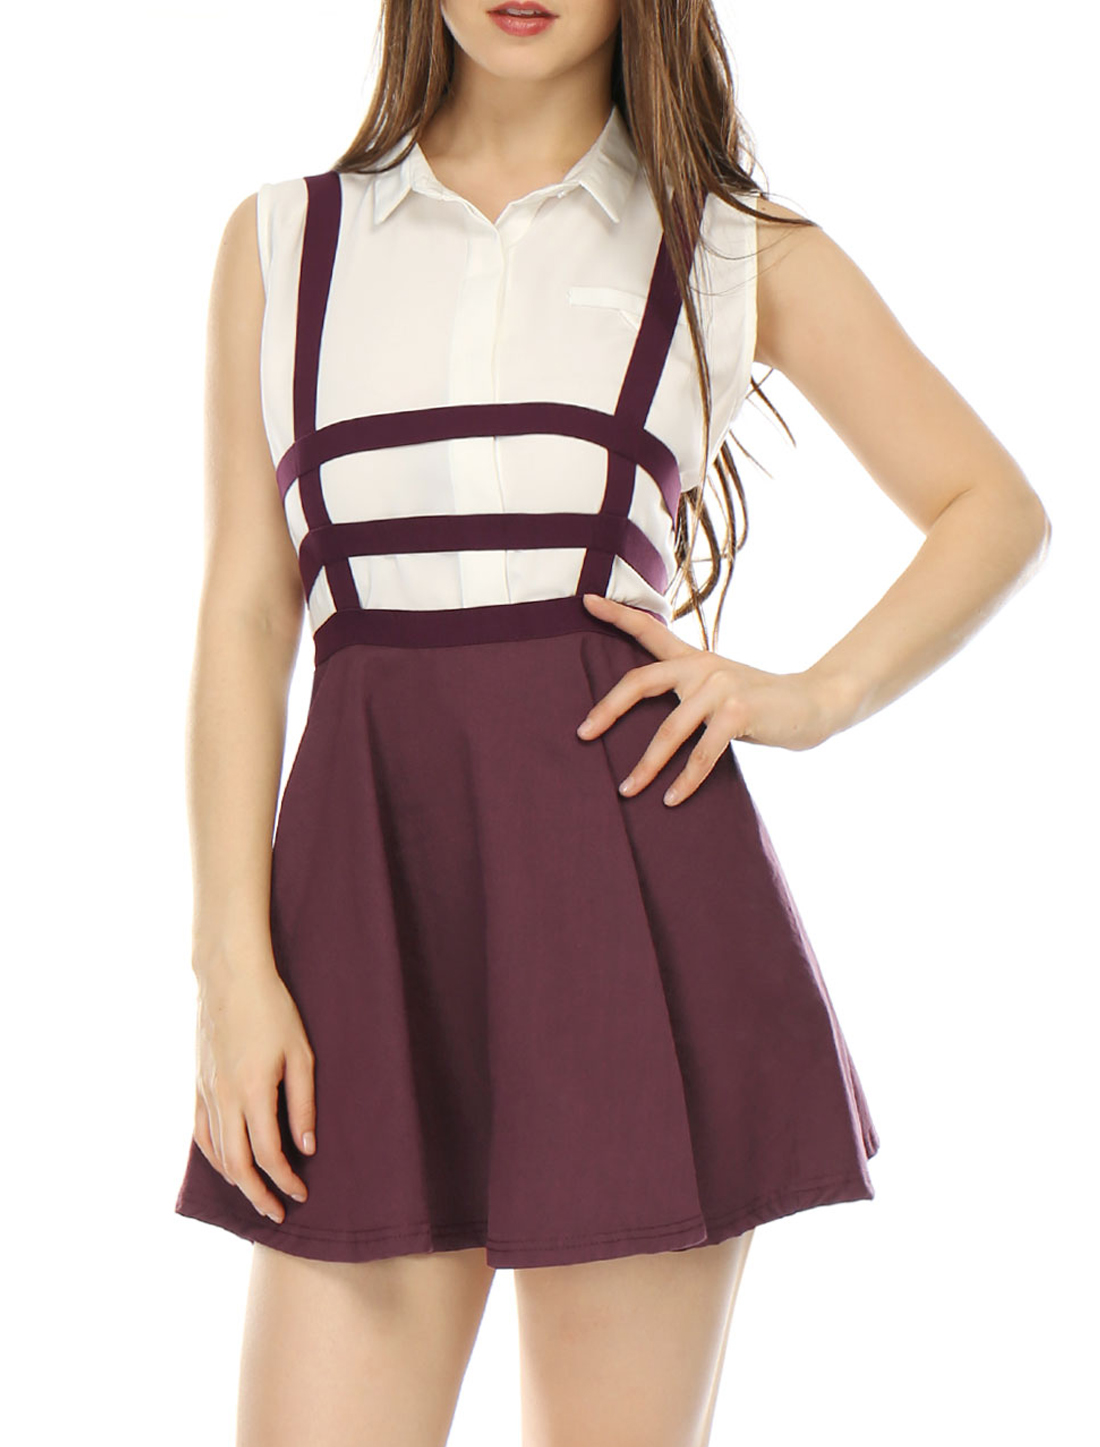 Allegra K Women Elastic Waist Cut Out A Line Suspender Skirt Red XL